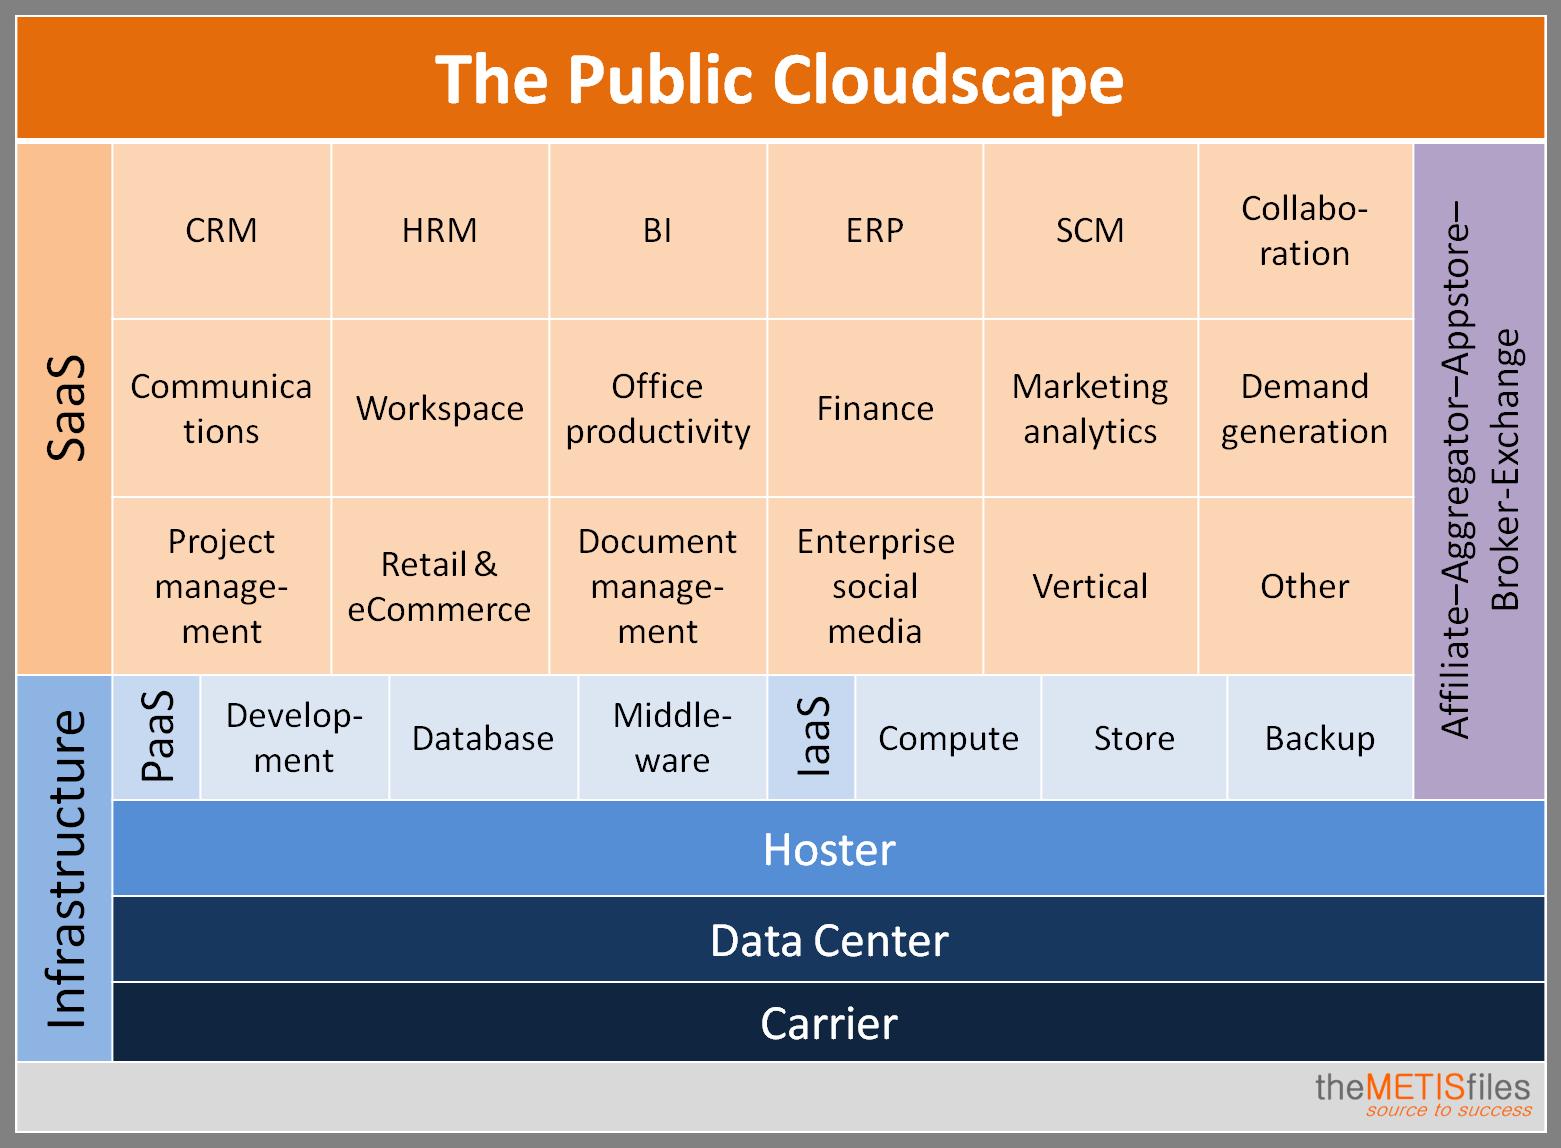 The Public Cloudscape